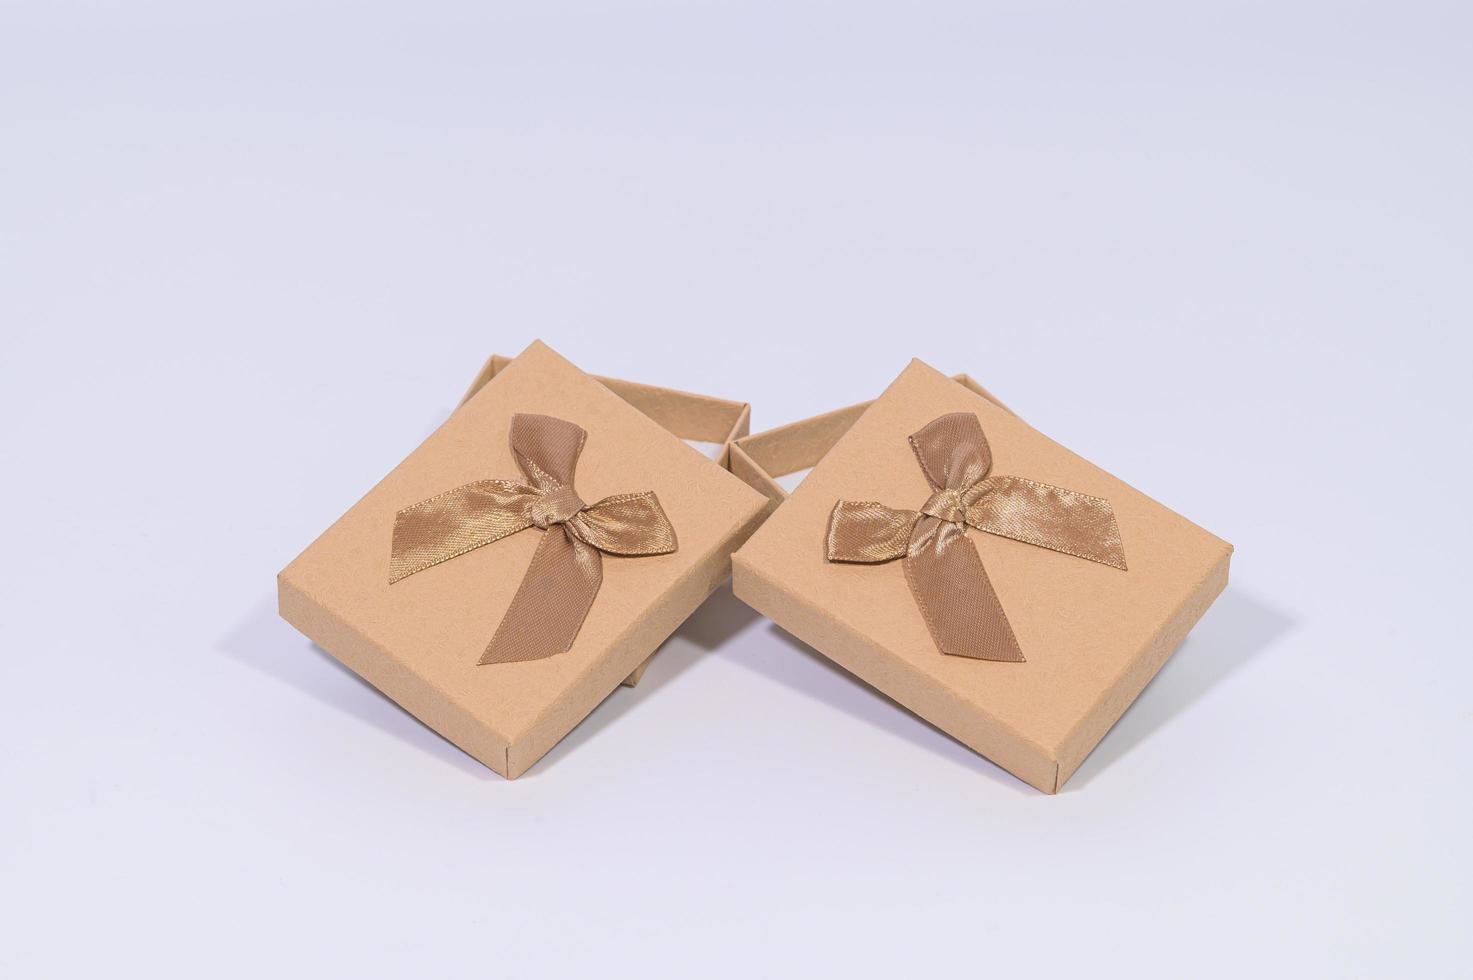 bruna presentförpackningar på vit bakgrund foto